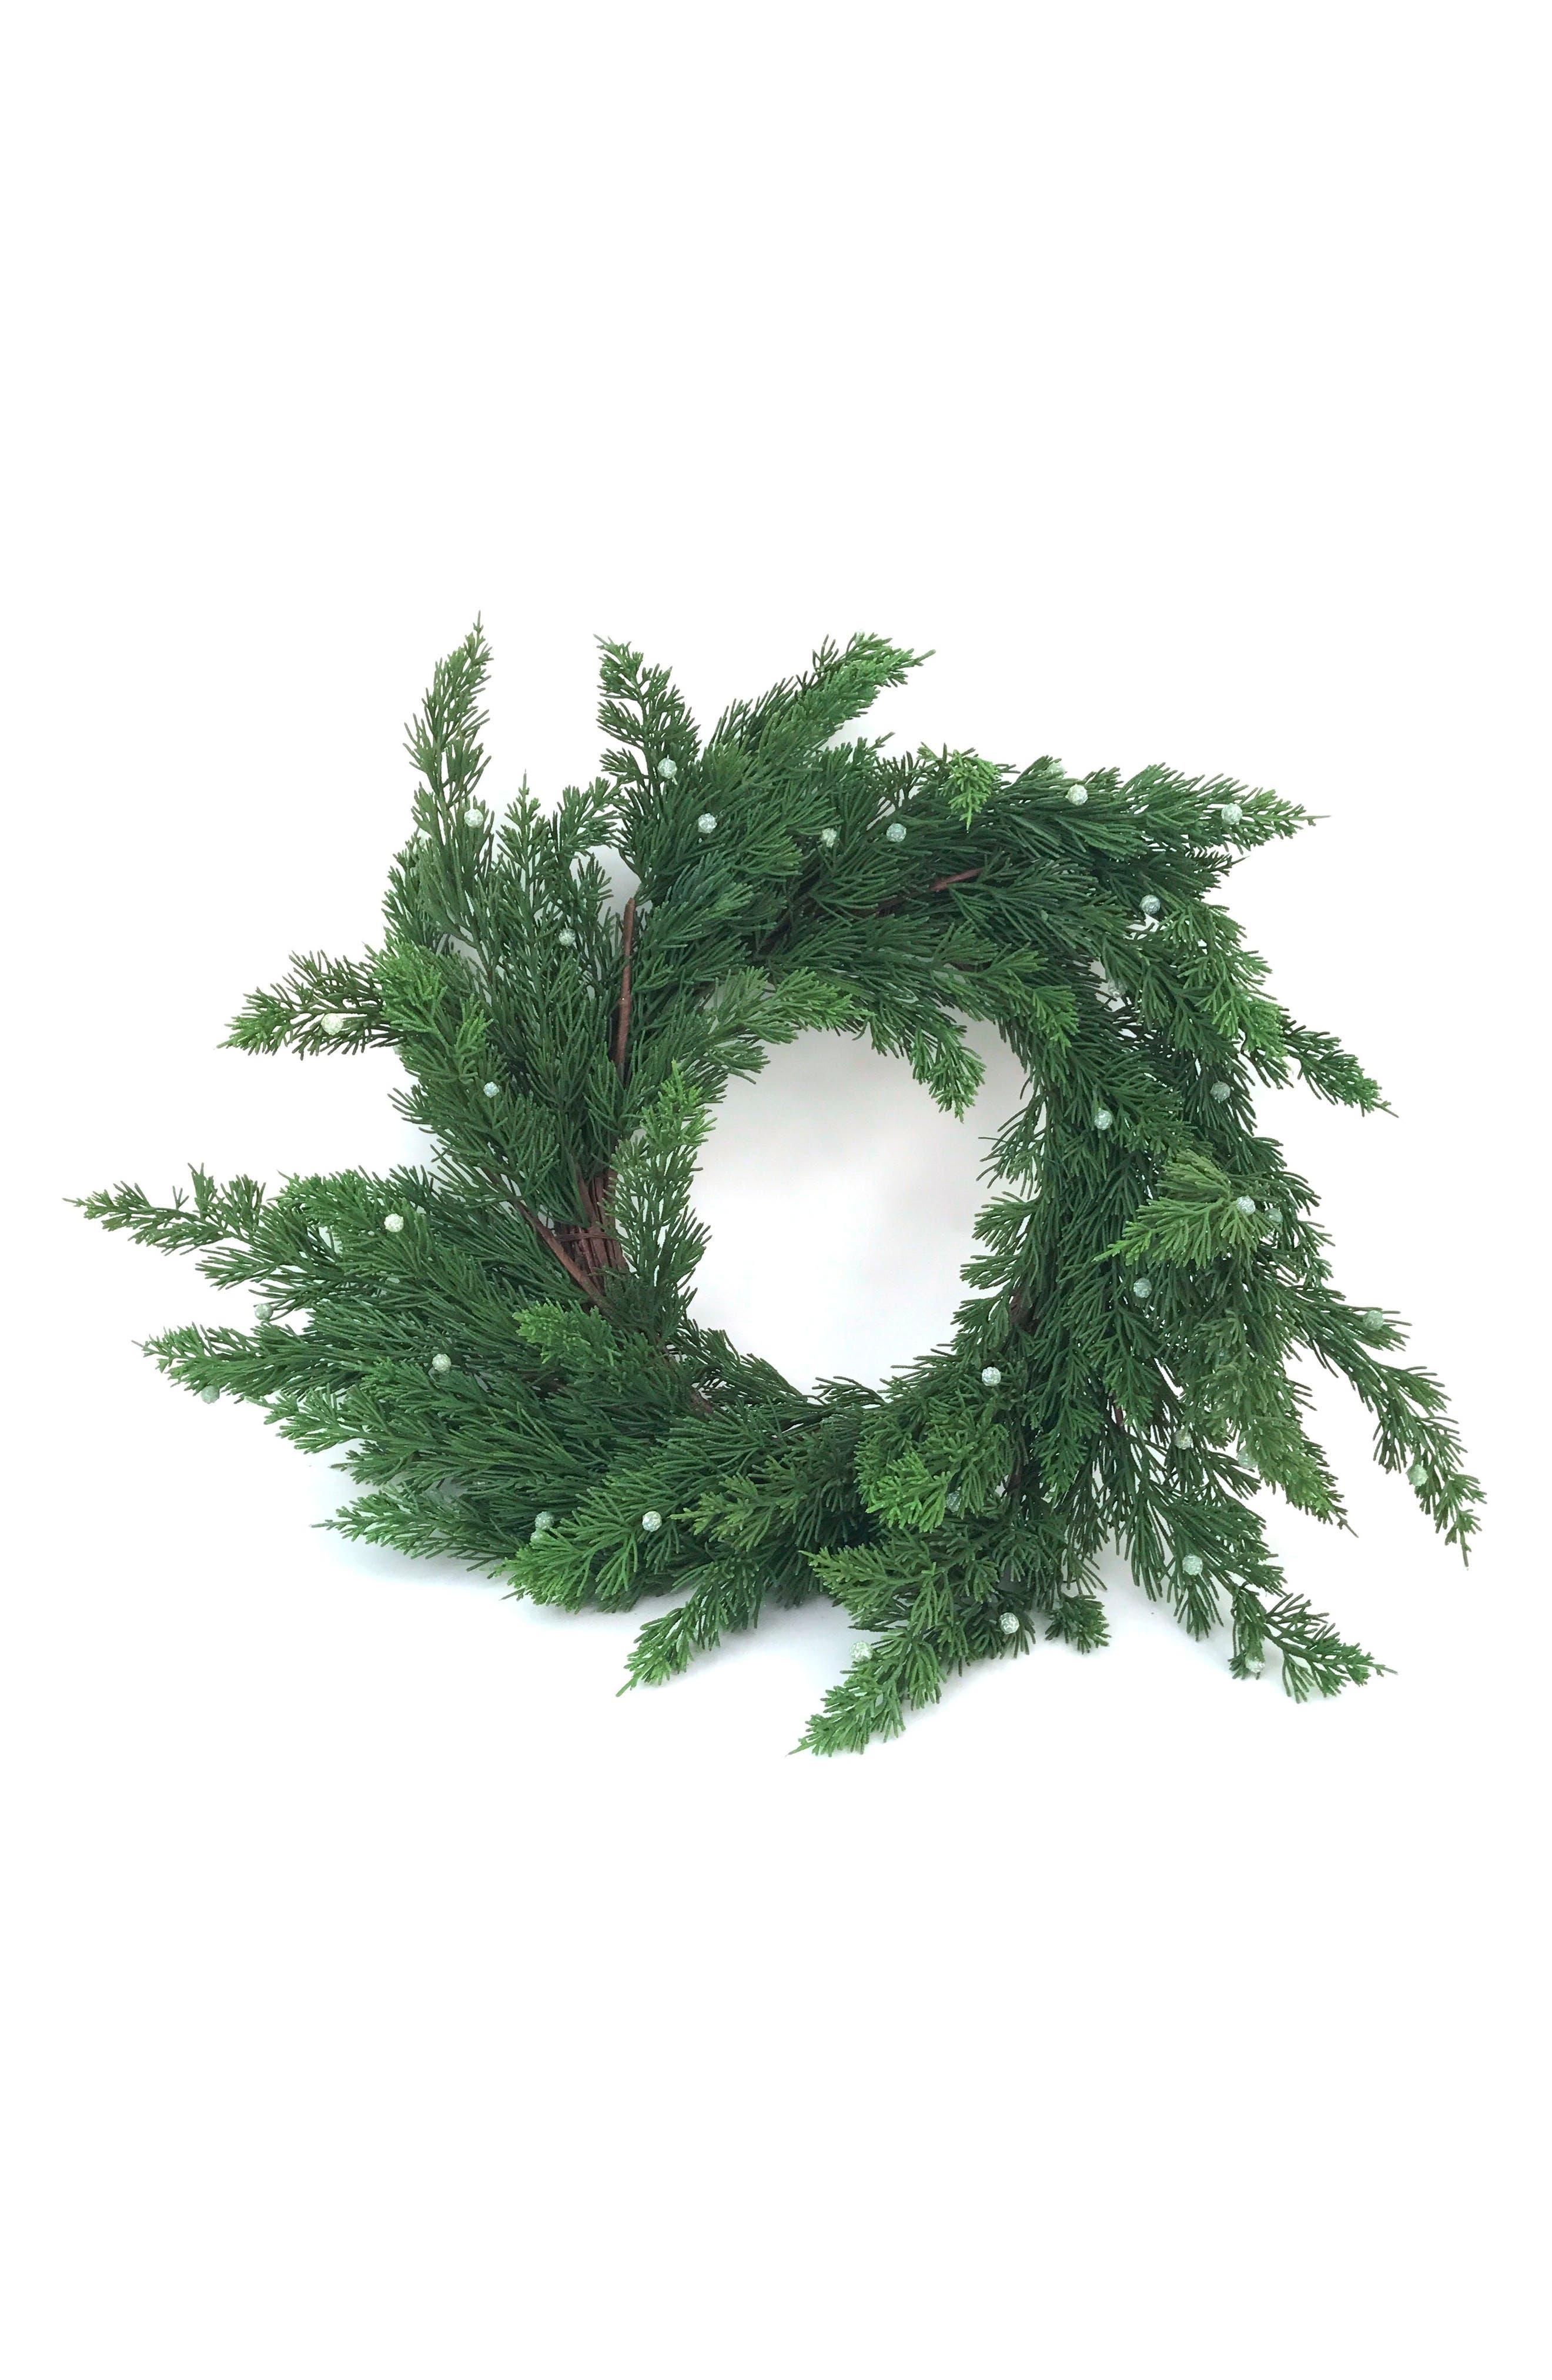 Arty Pine Wreath with Juniper Berries